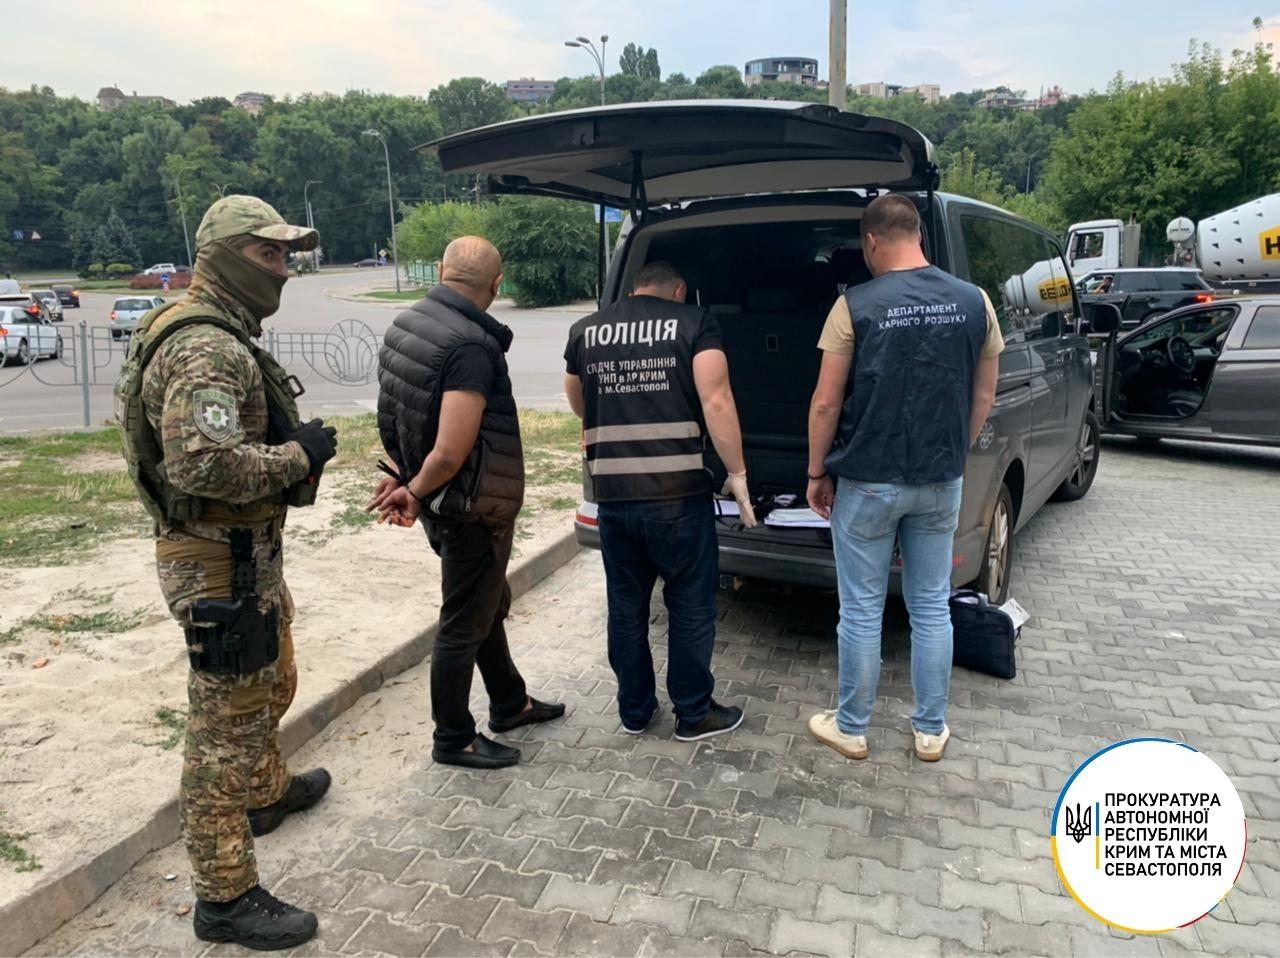 В Украину через Крым пытались переправить около $1 млн. фальшивых долларов (ФОТО) 1